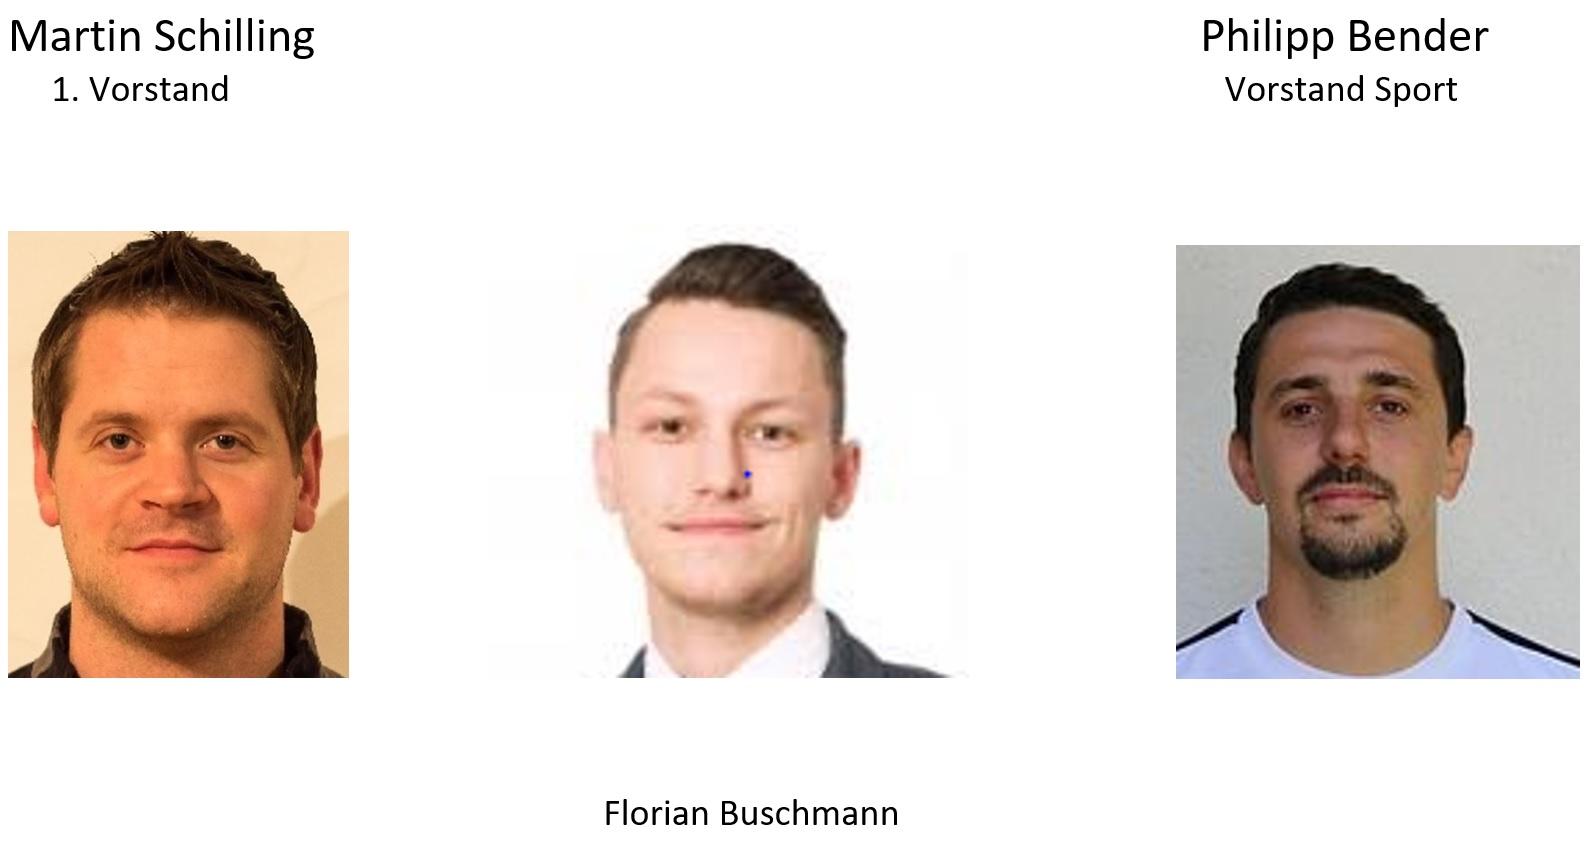 florianbuschmann